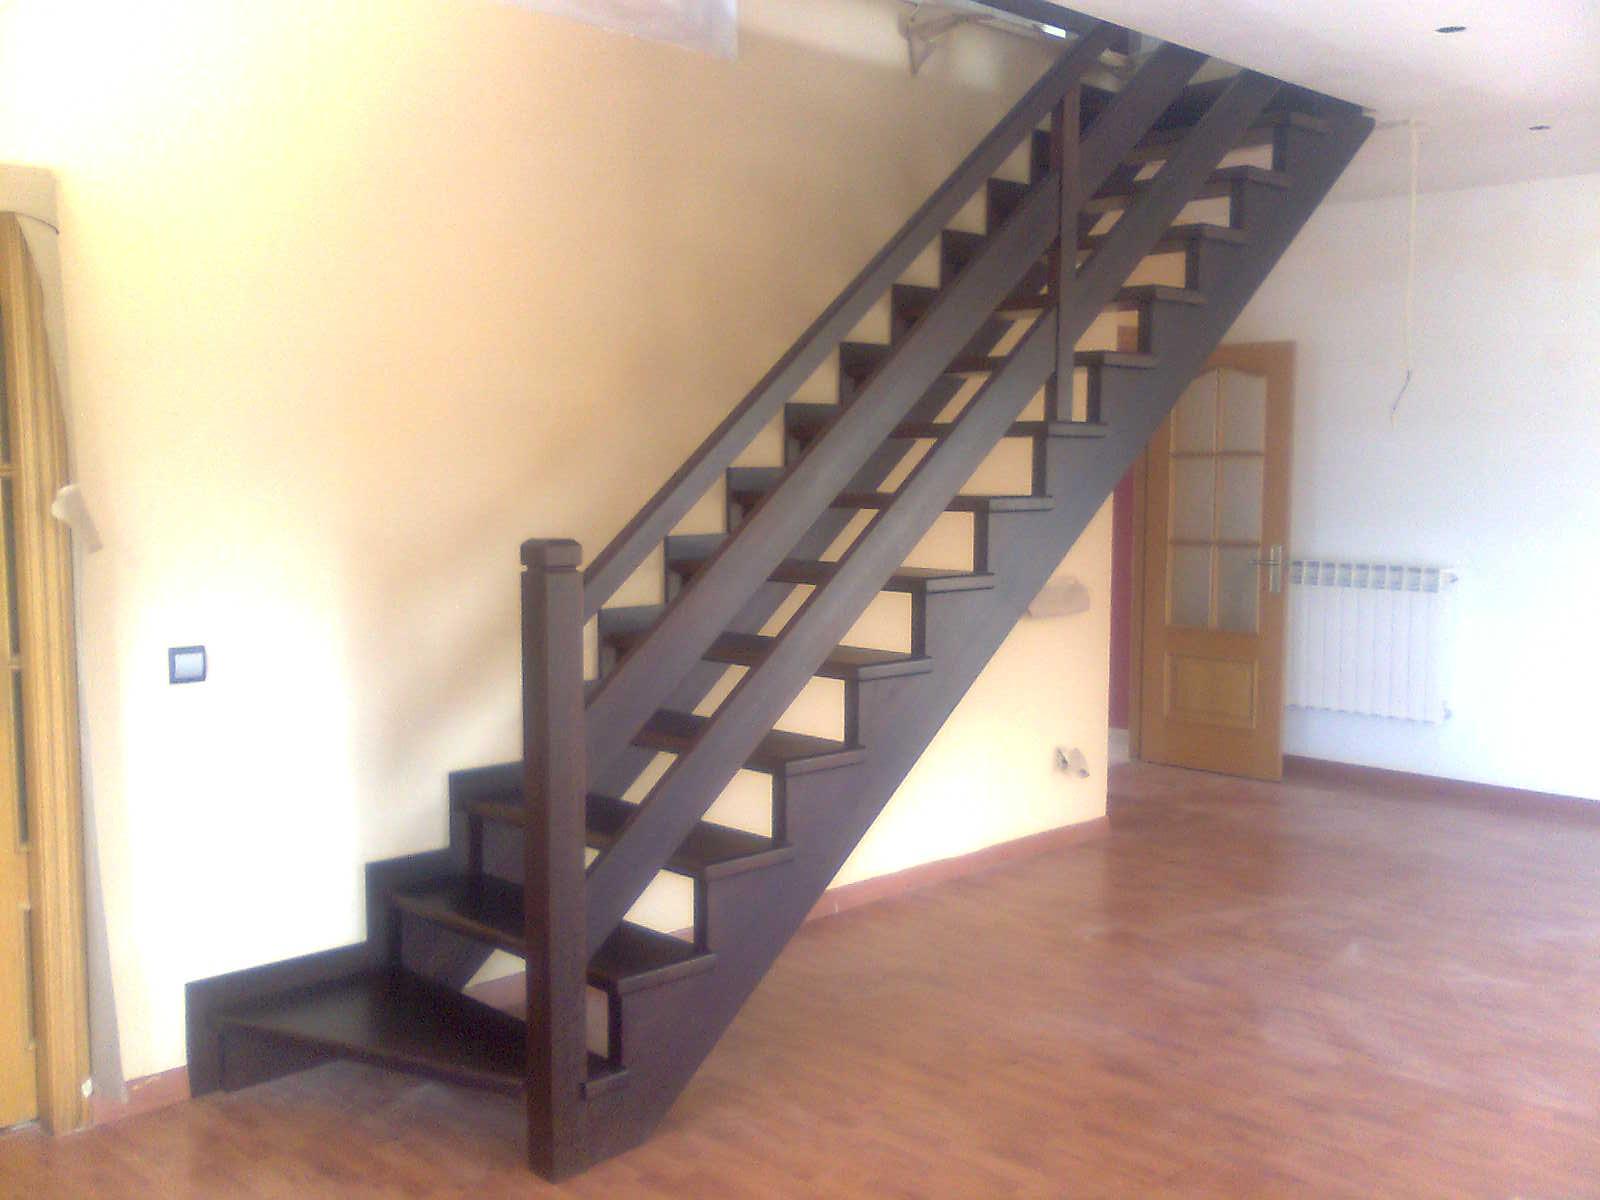 Torneados fuentespalda barandillas y escaleras de madera for Escalera electricista madera